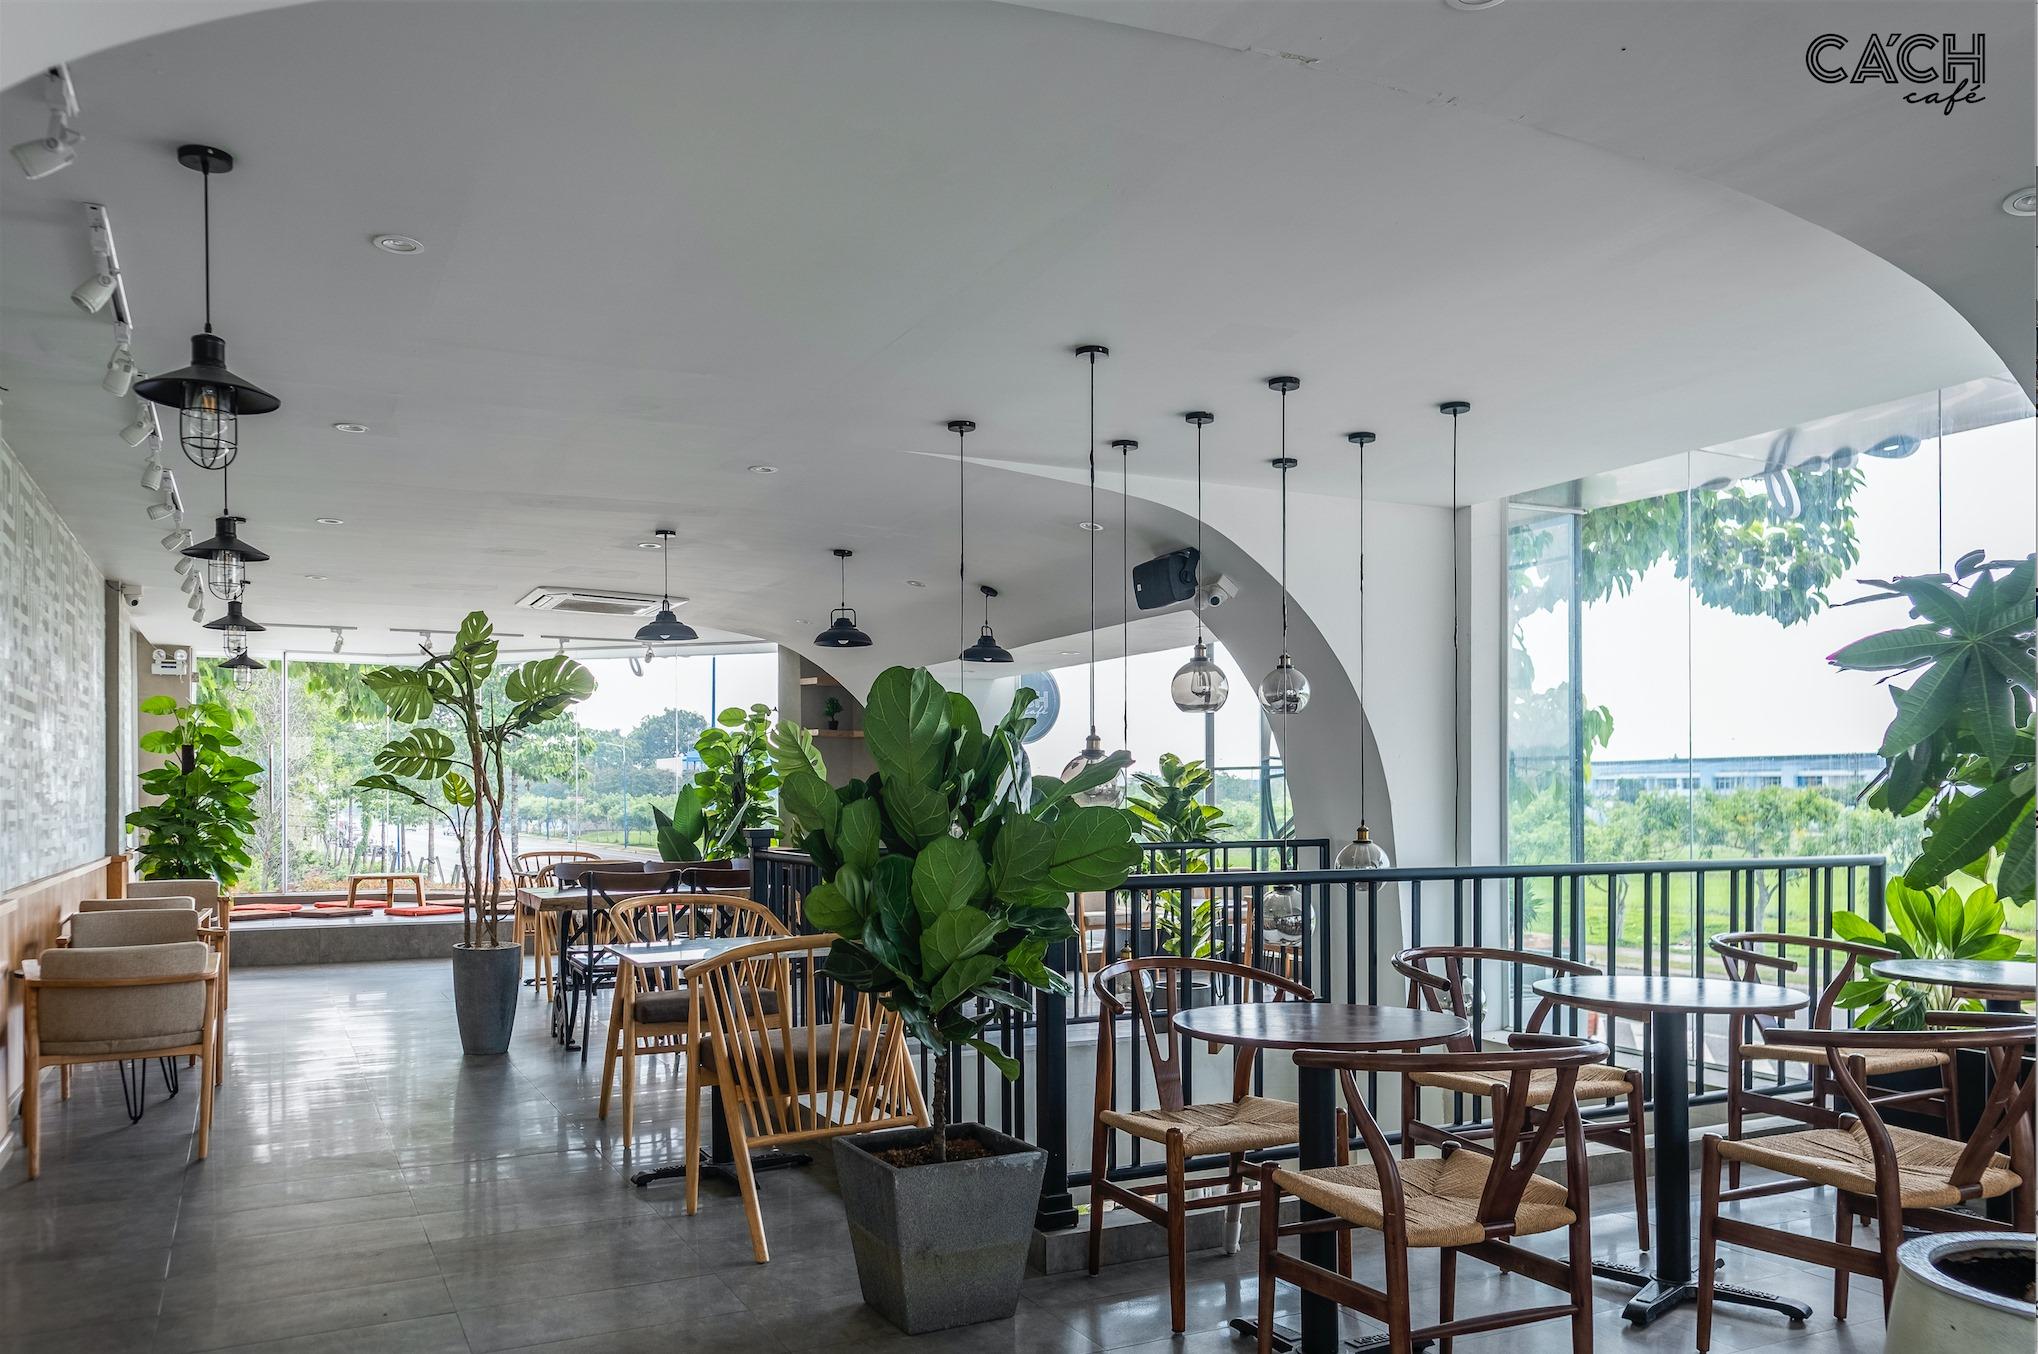 Không gian tầng 2 rộng rãi, thoáng đãng với nhiều mảng xanh. Hình: Cách Cafe